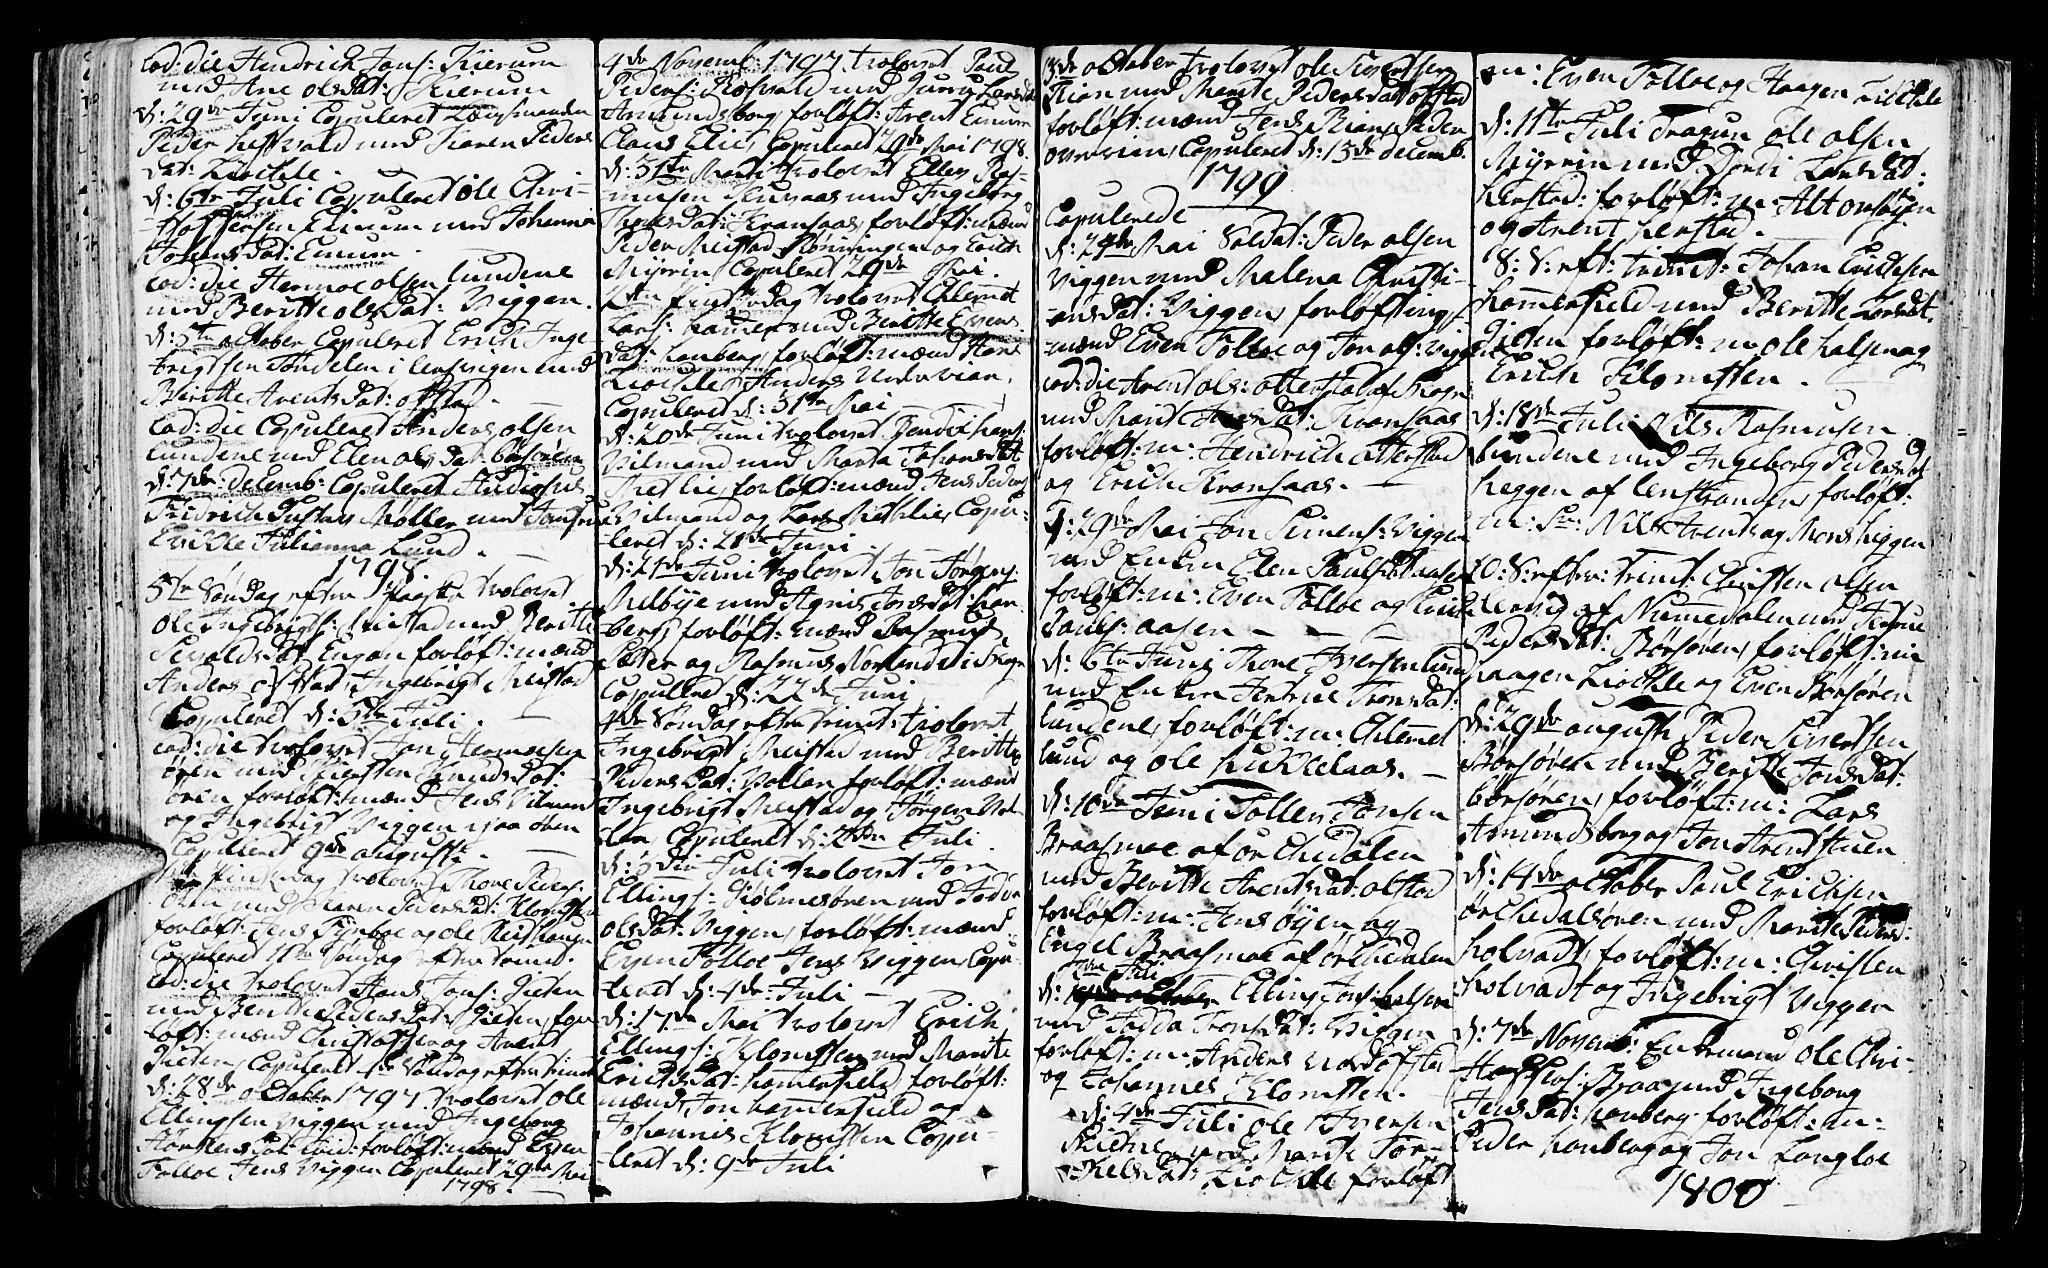 SAT, Ministerialprotokoller, klokkerbøker og fødselsregistre - Sør-Trøndelag, 665/L0768: Ministerialbok nr. 665A03, 1754-1803, s. 137